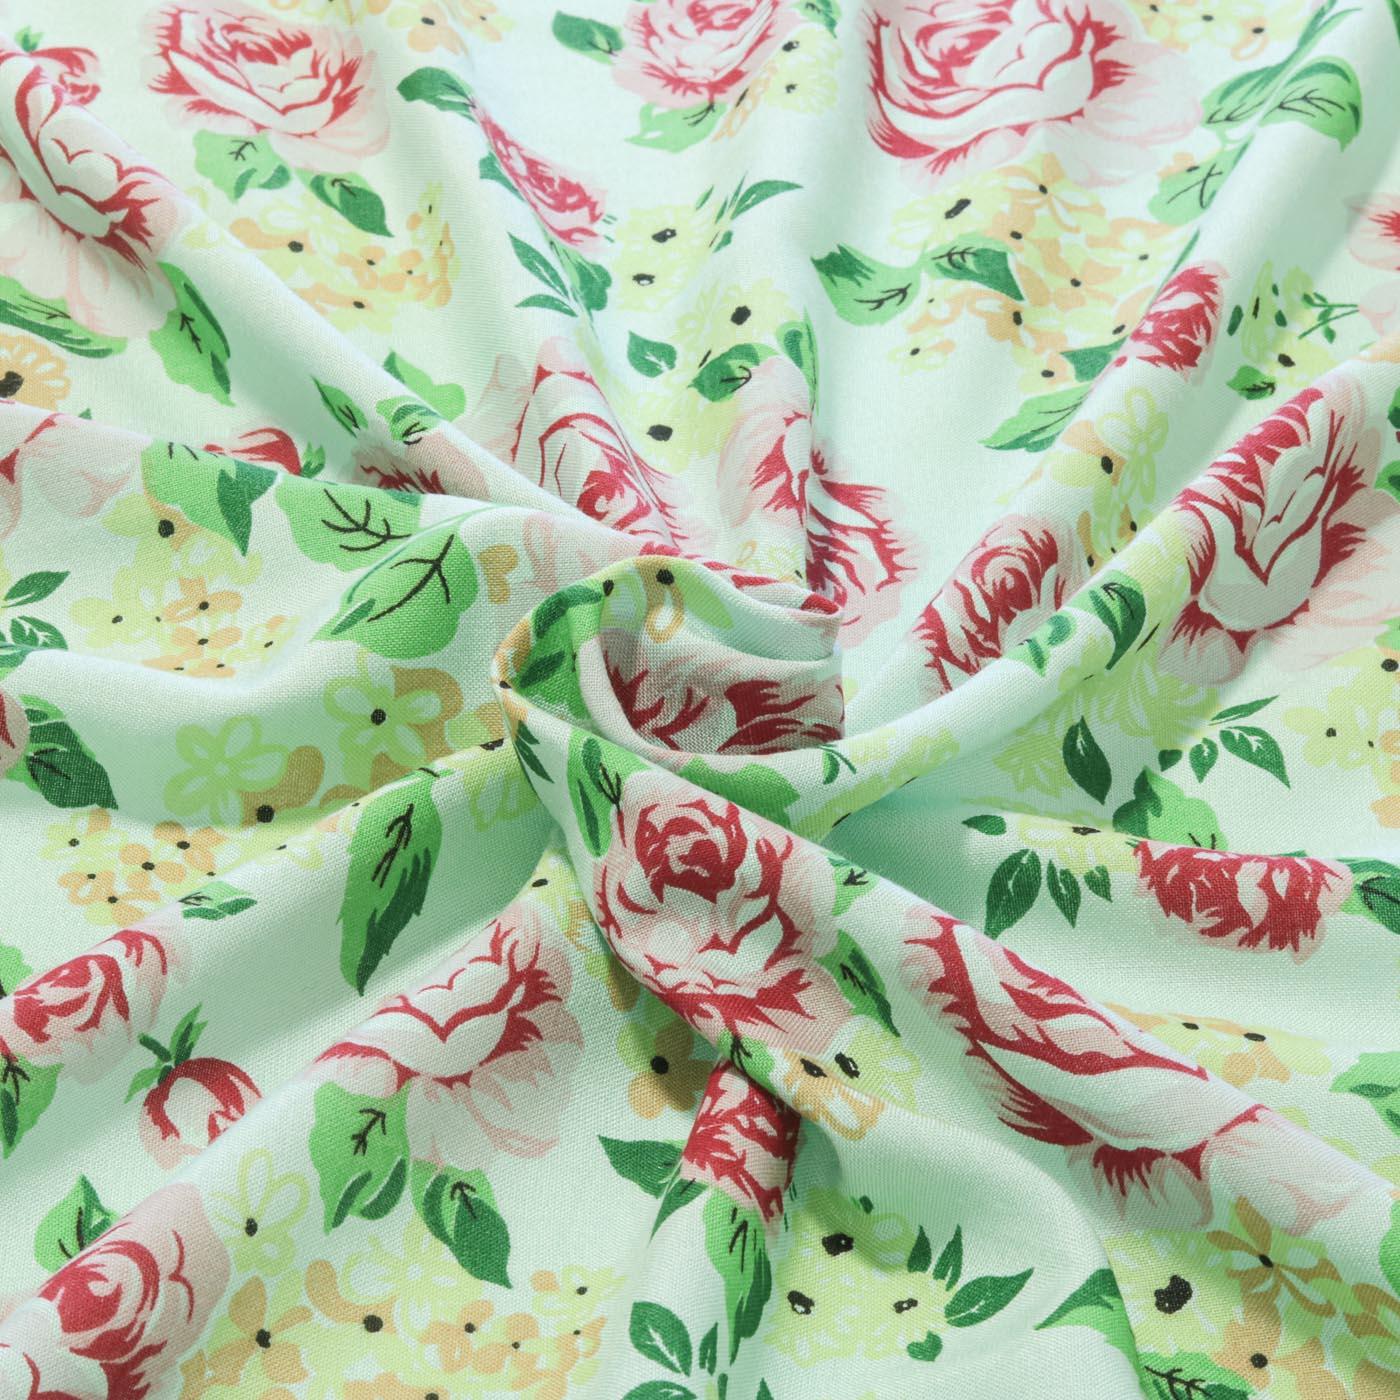 Tecido Viscose Flores 100% Viscose 1,50 m Largura Verde Água